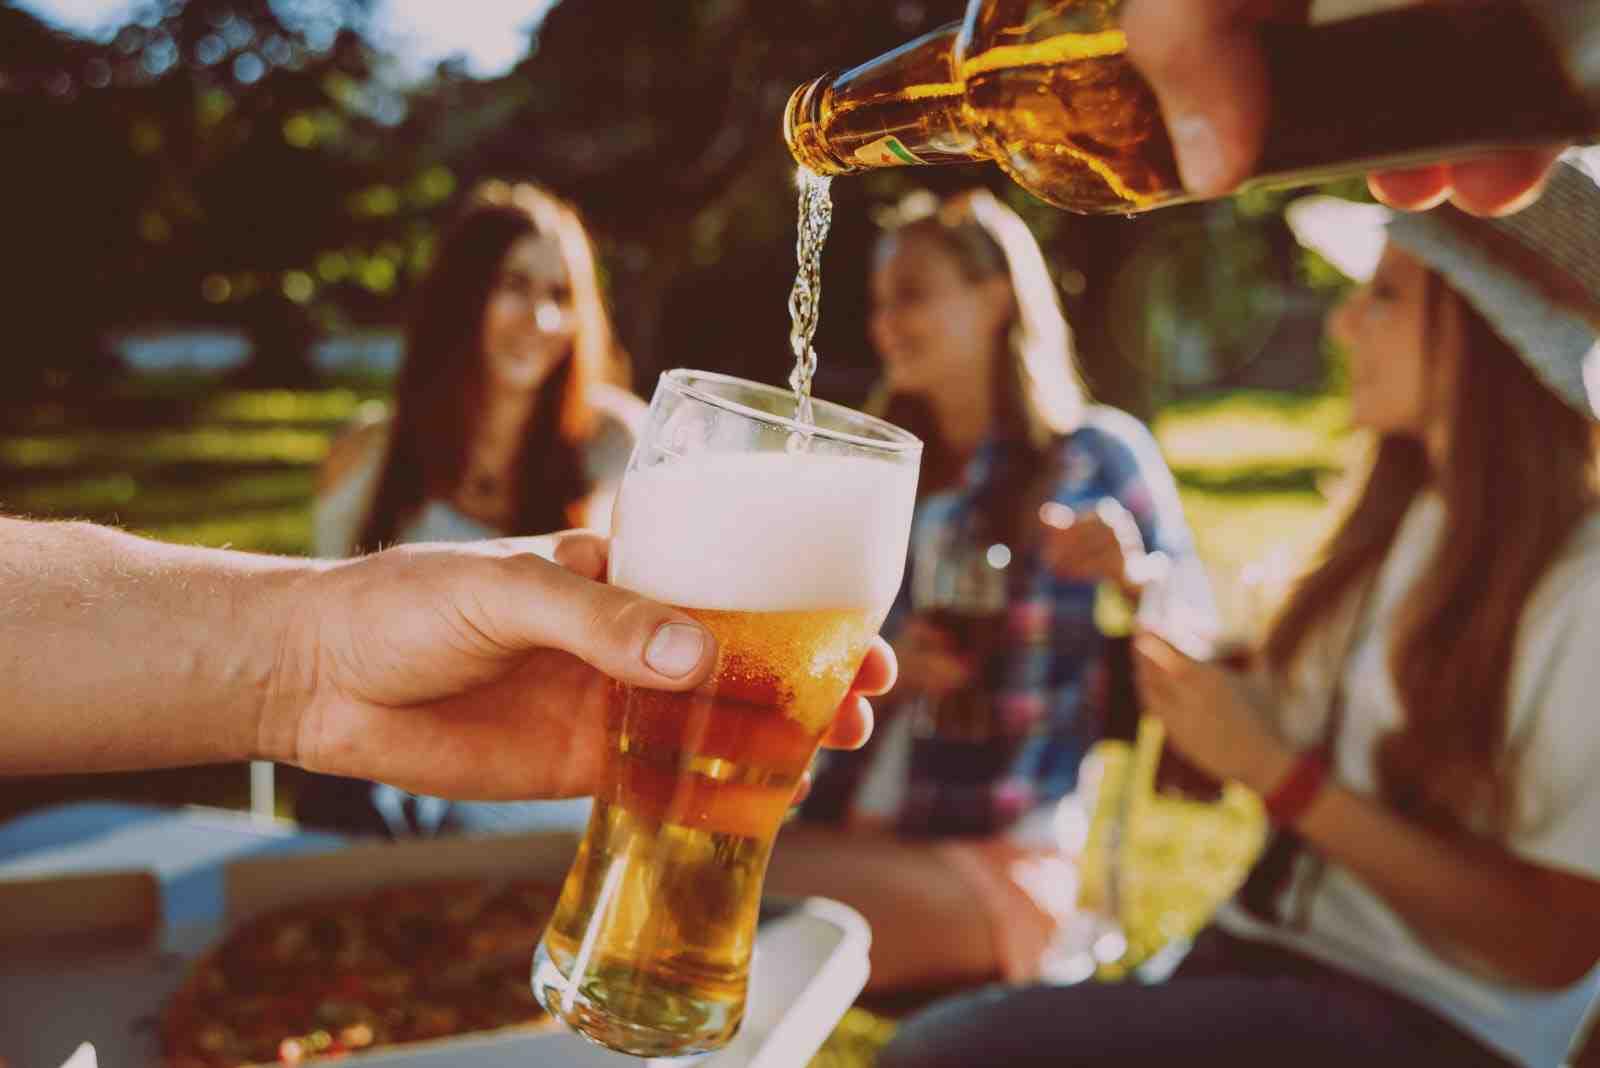 Le whisky est-il bon pour vous?